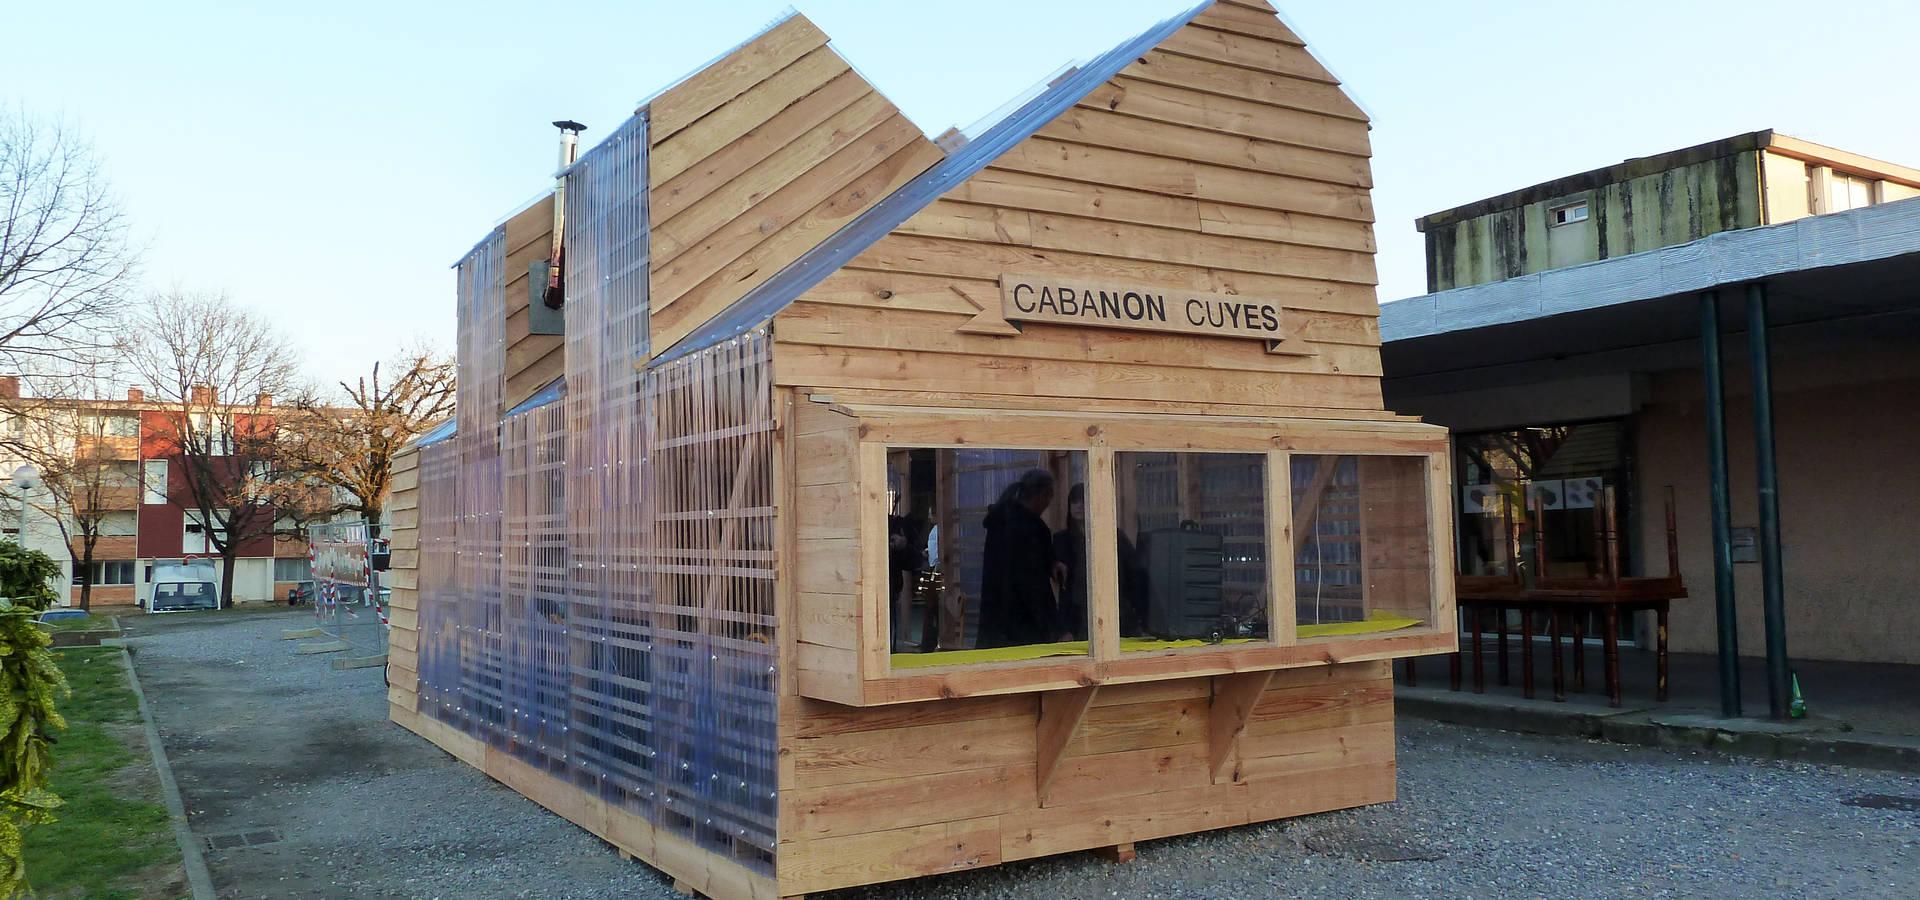 bruit du frigo cabanon cuyes homify. Black Bedroom Furniture Sets. Home Design Ideas